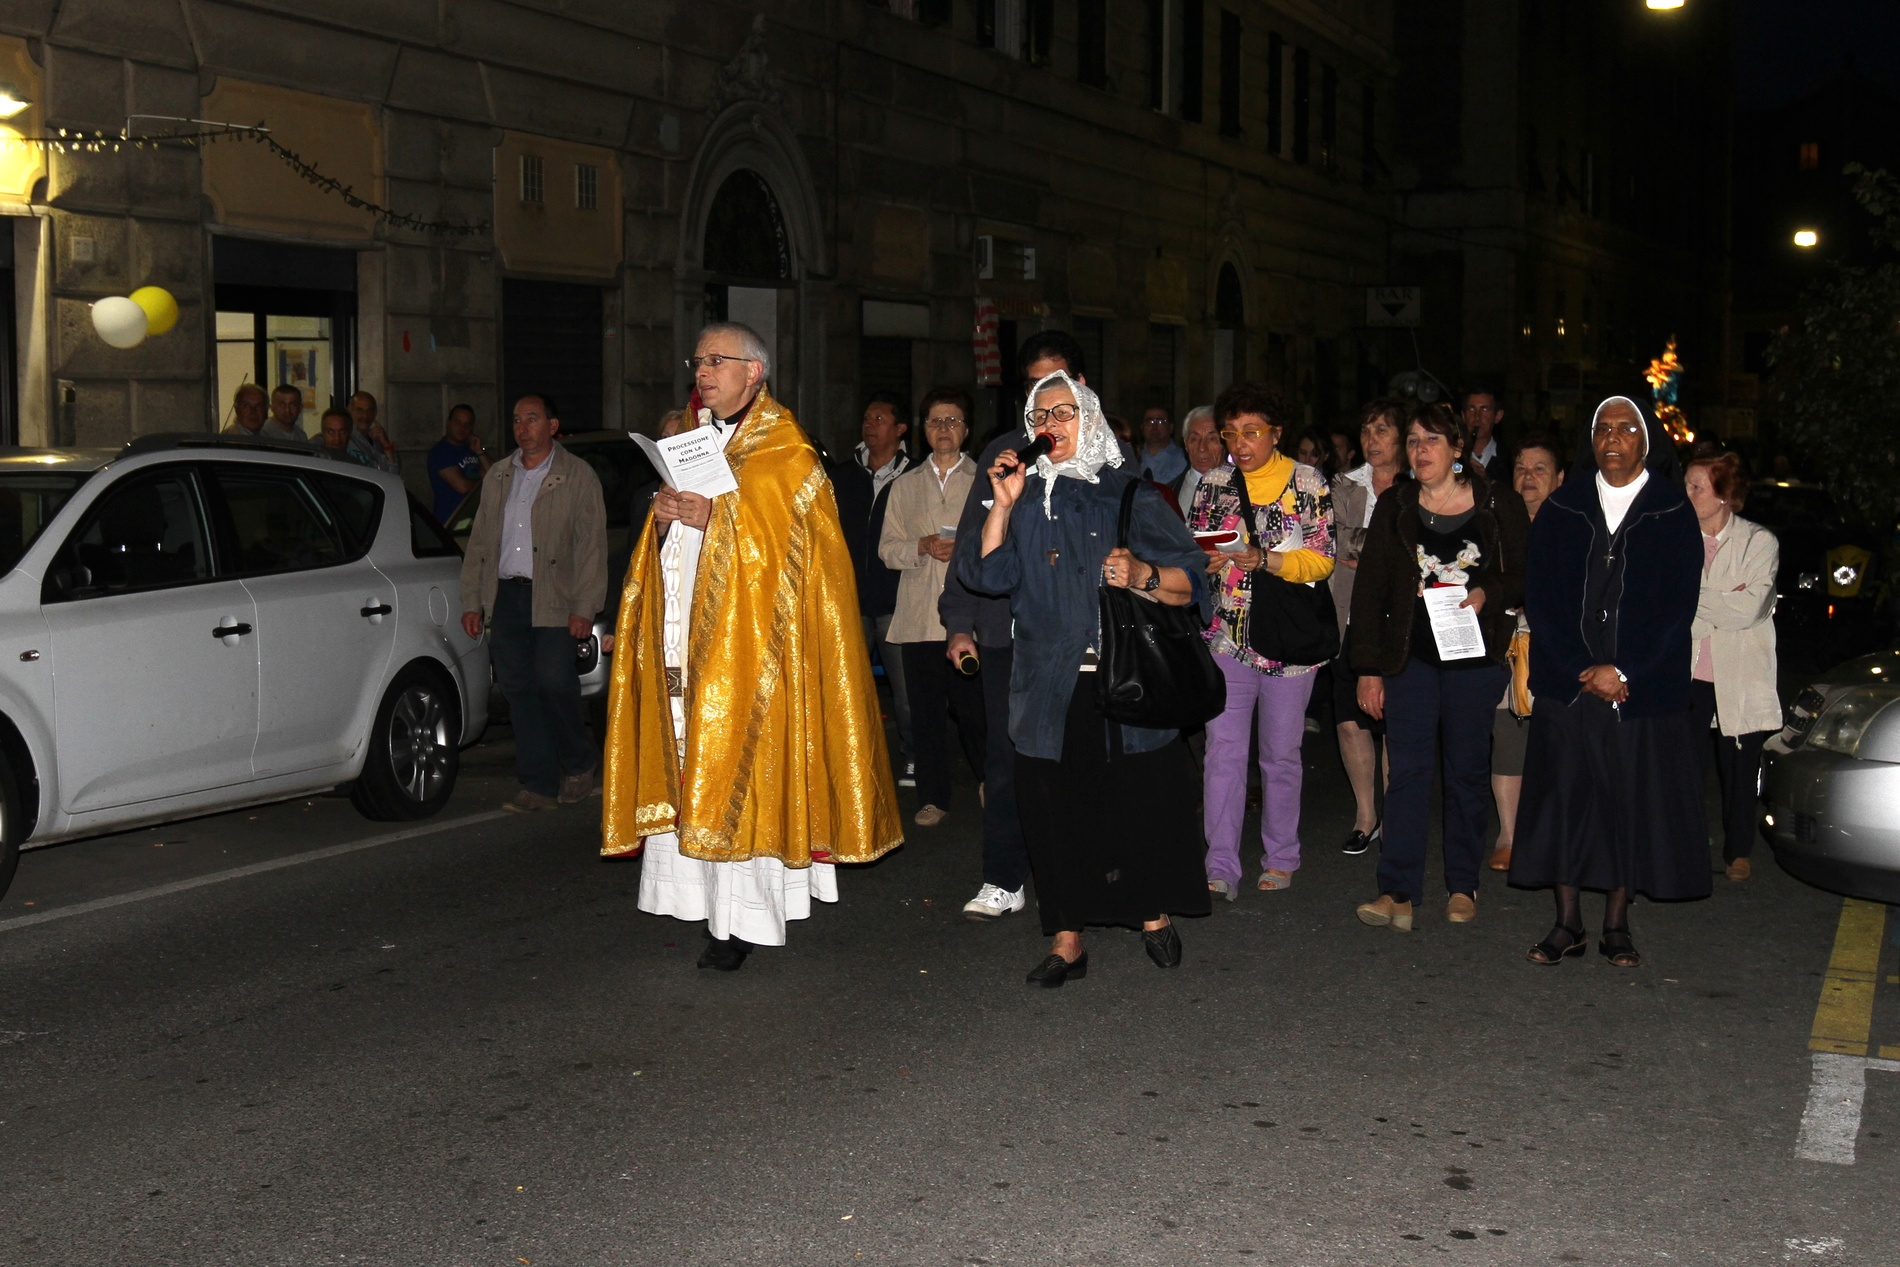 processione-madonna-2015-05-31-21-34-34